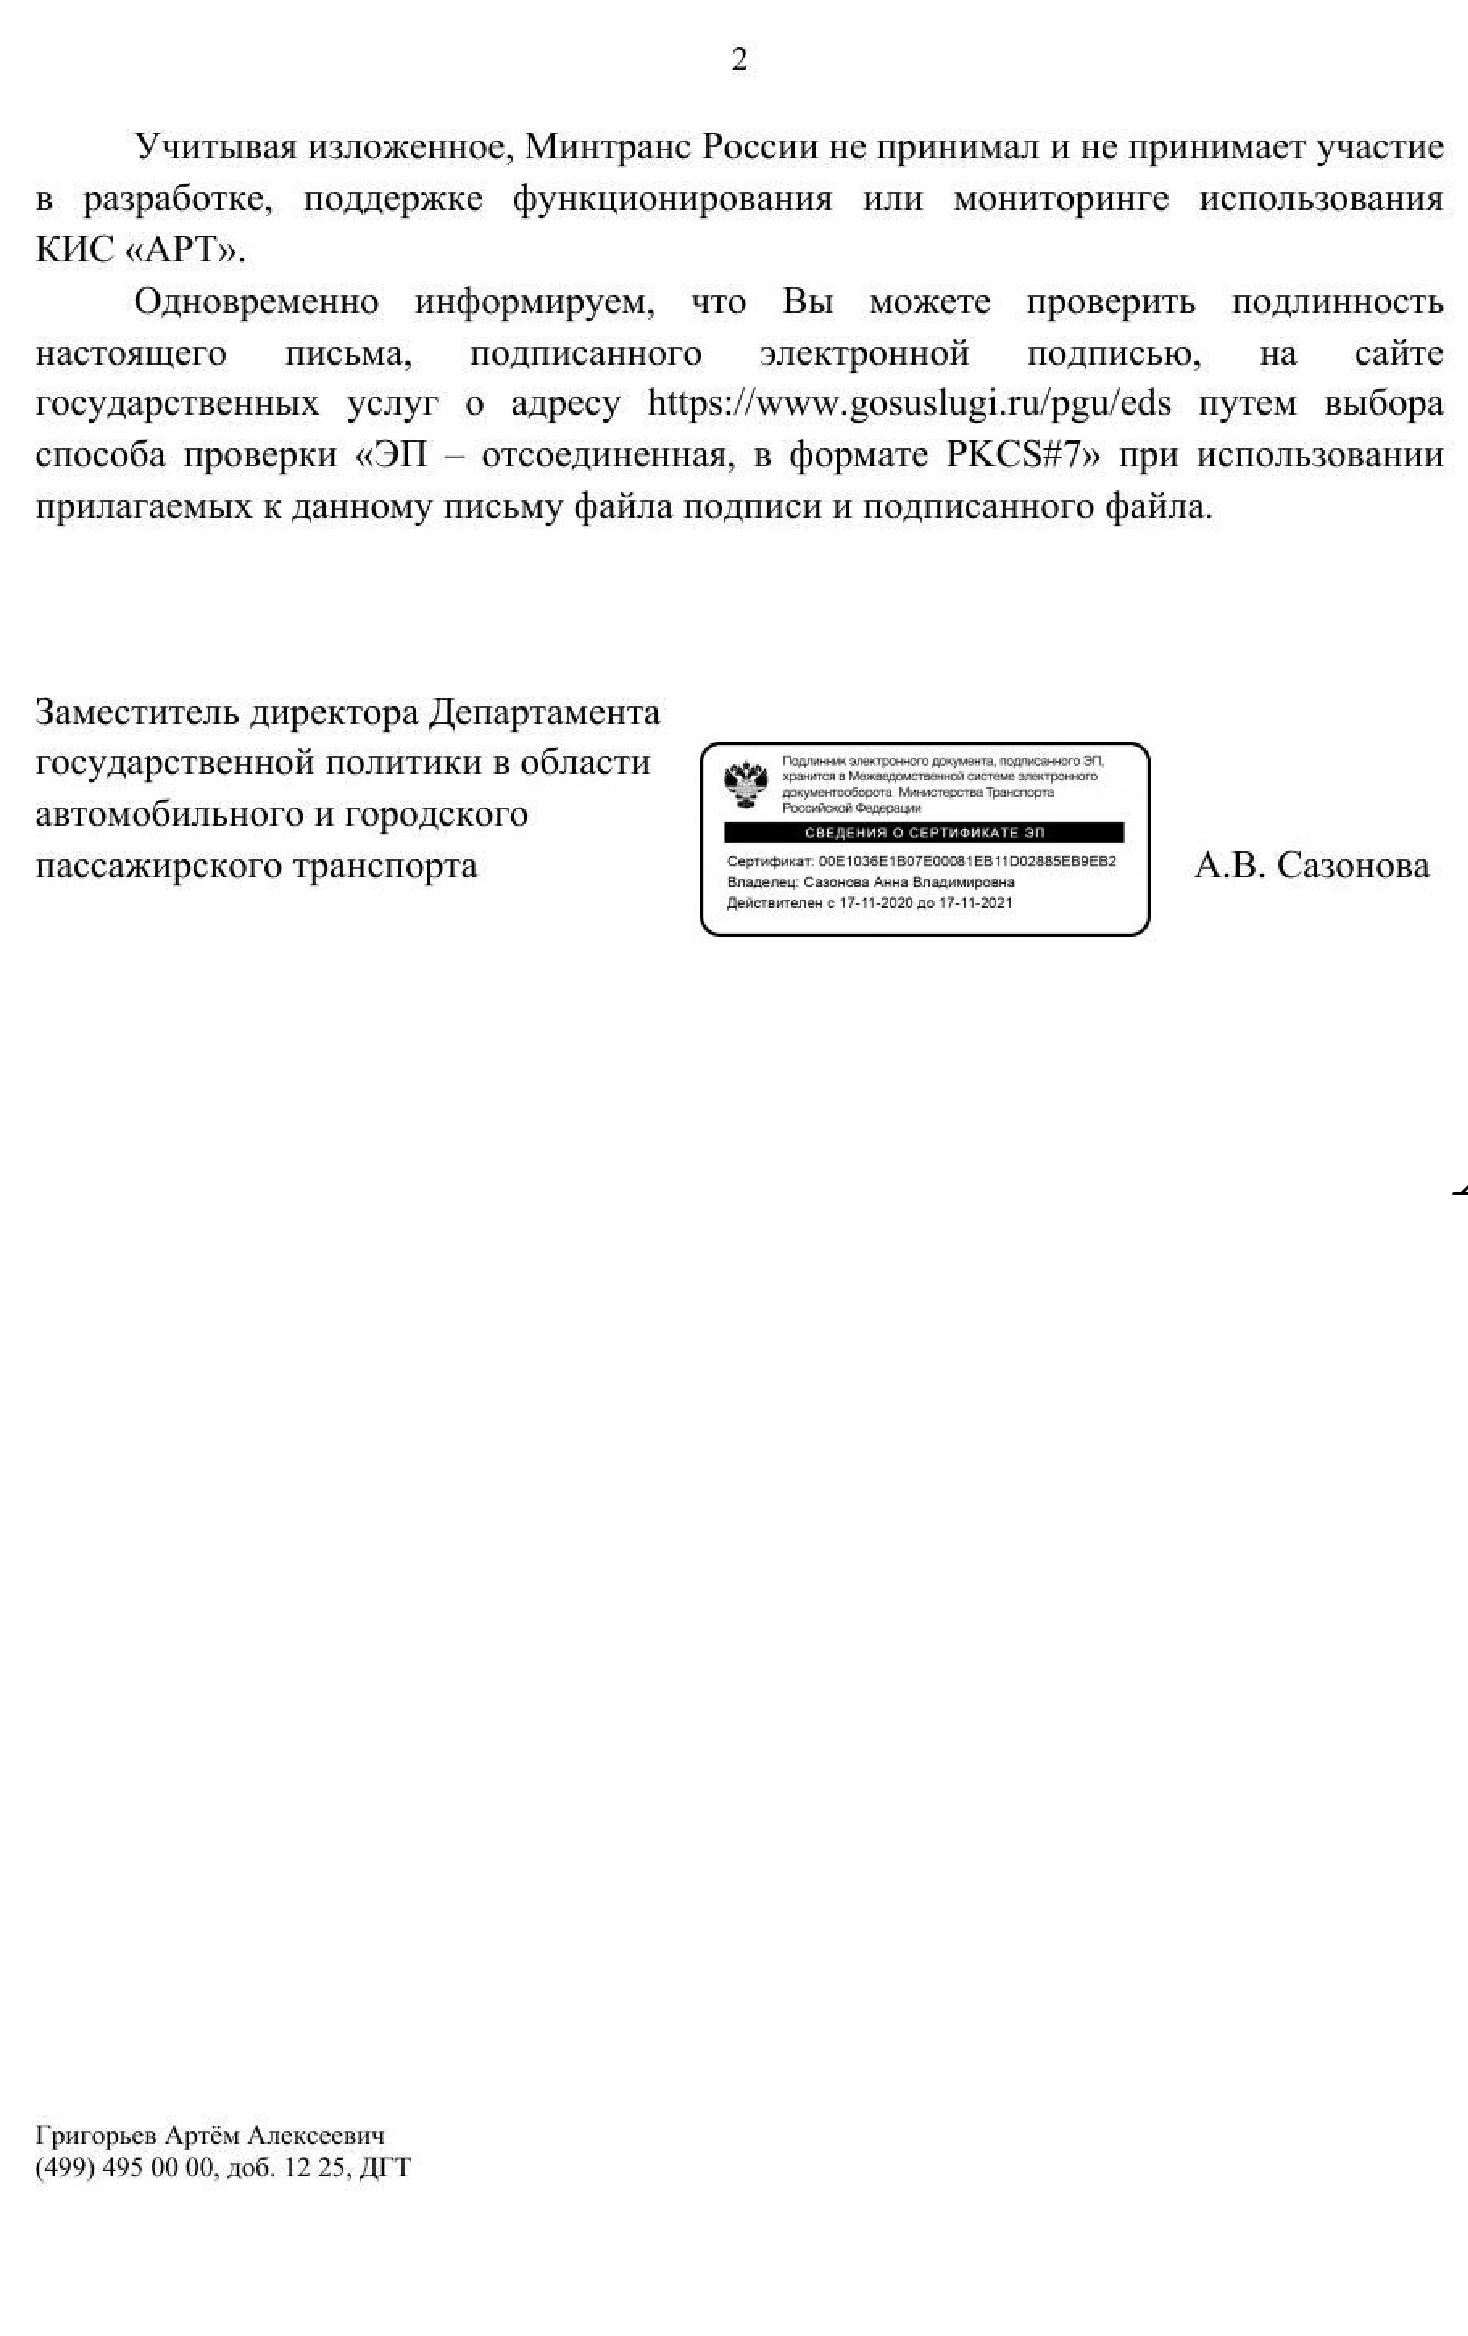 """2 часть письма Минтранса России по работе системы КИС """"АРТ"""""""